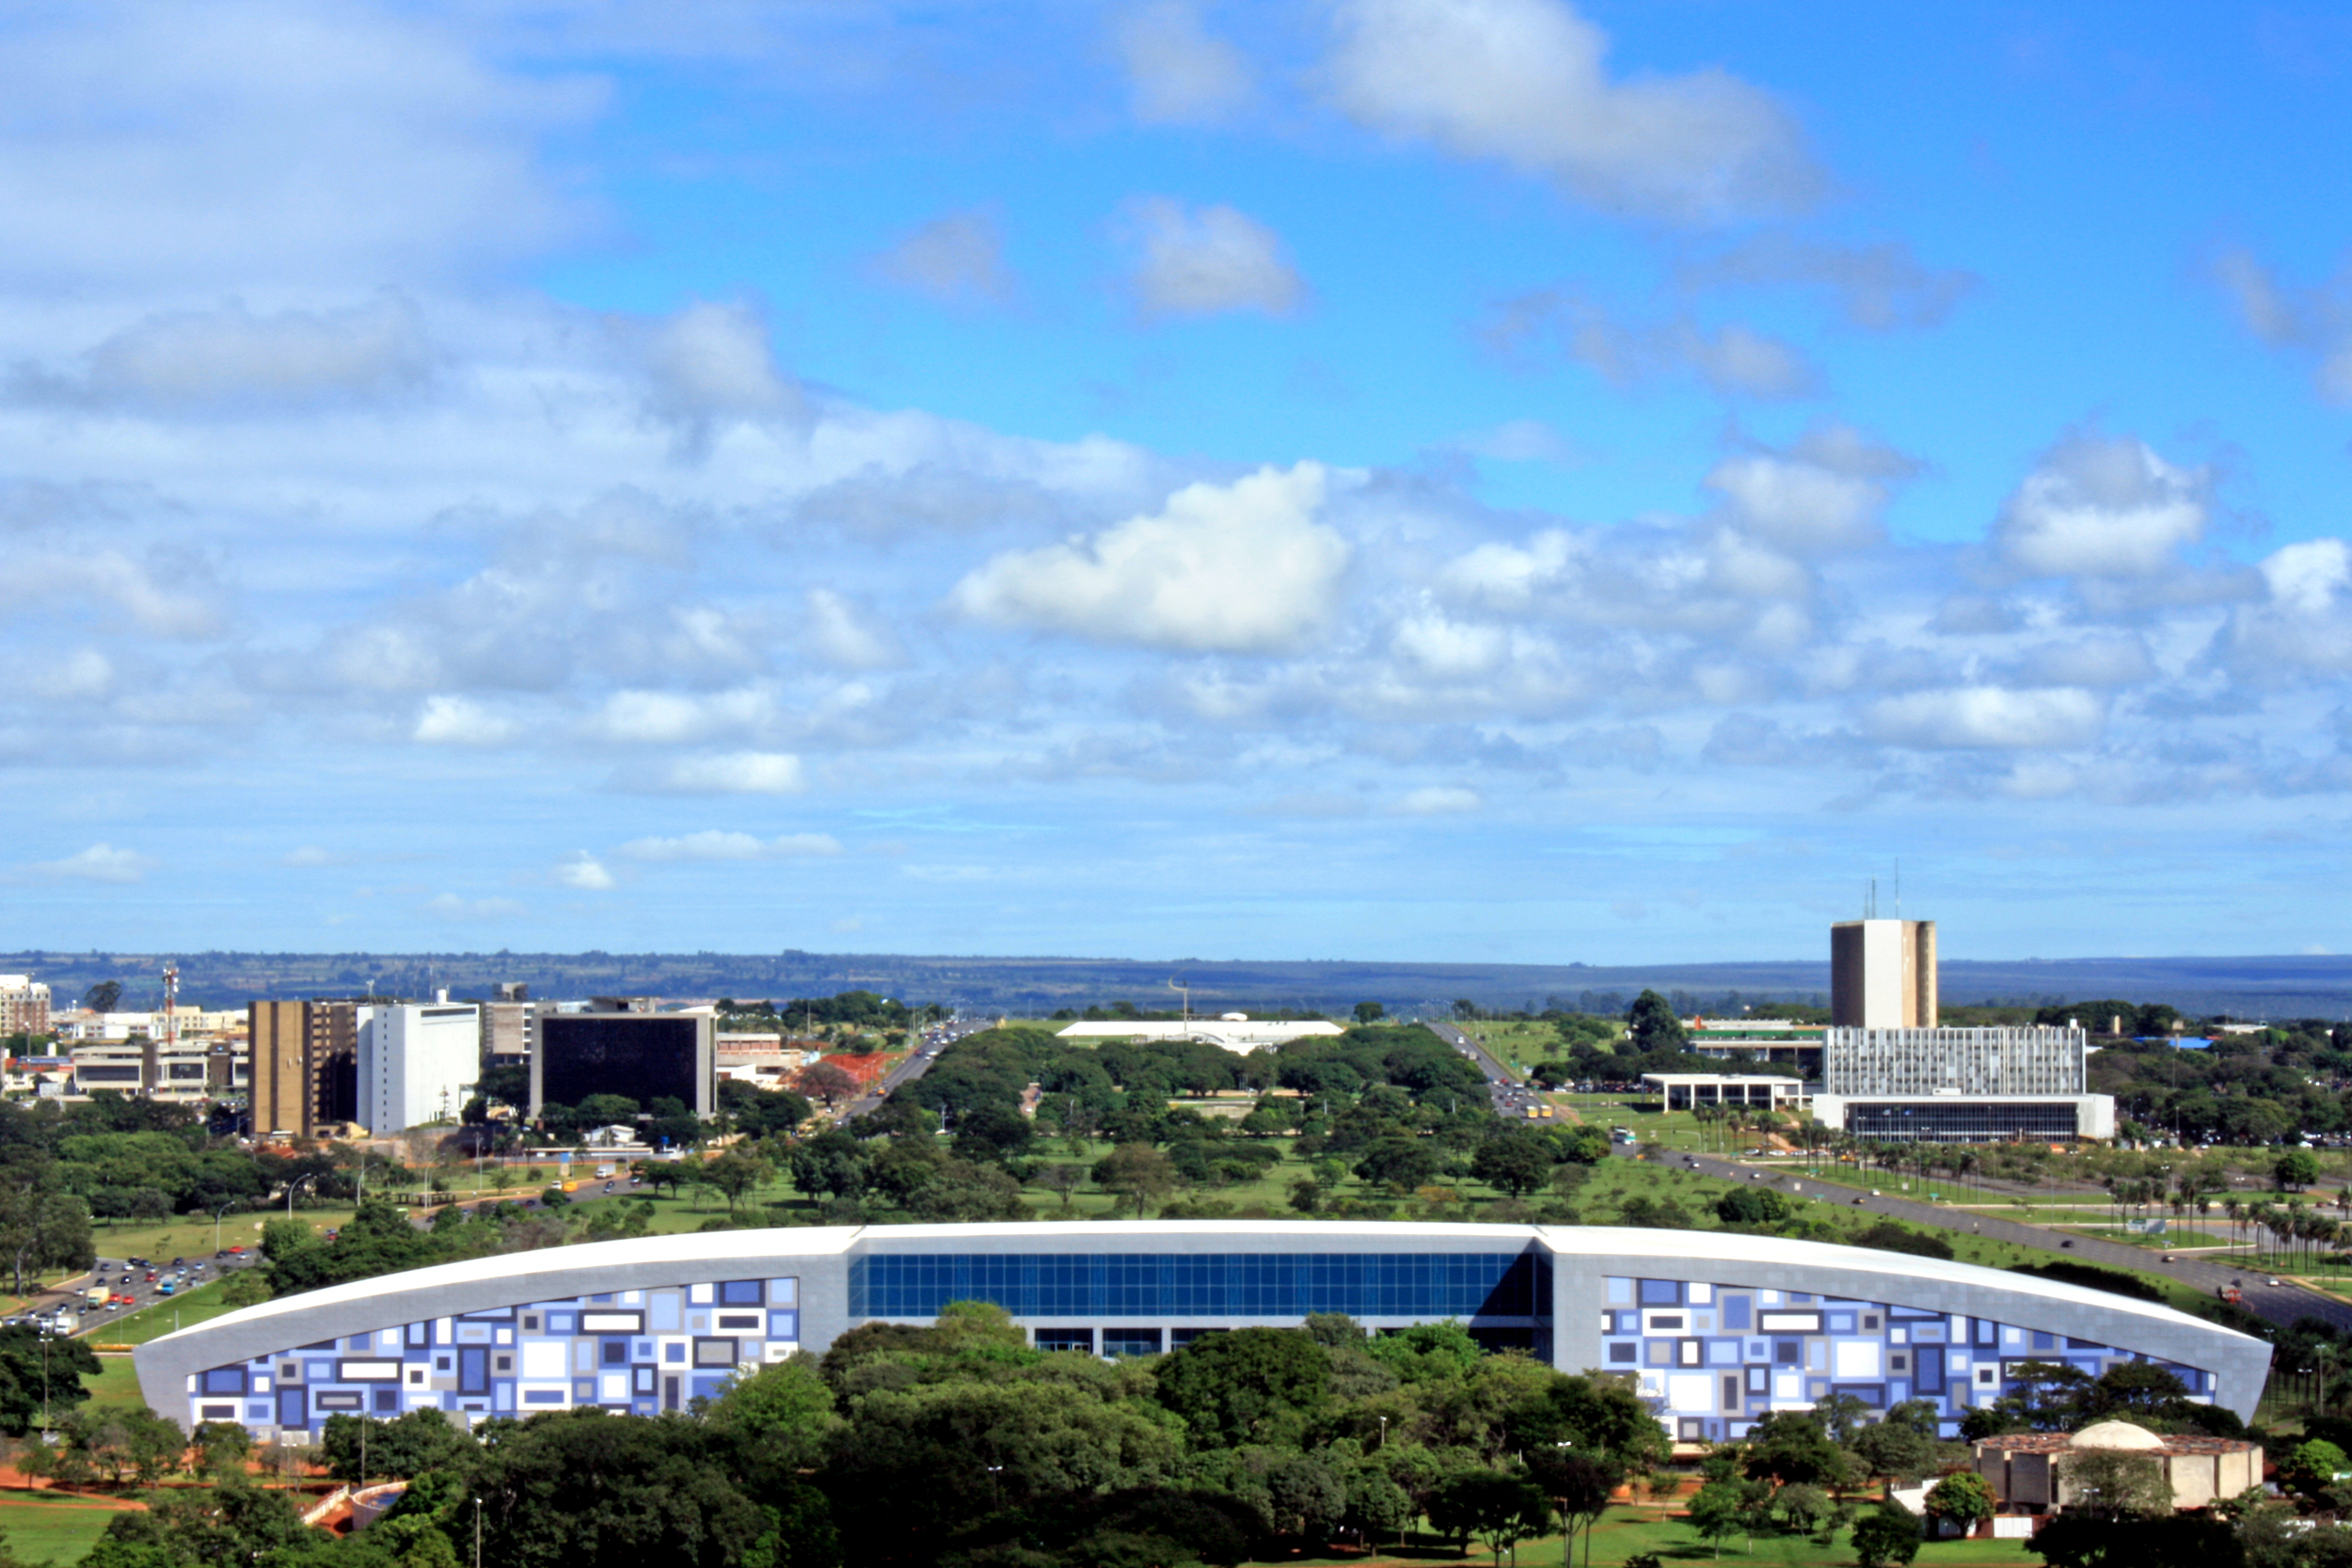 Centro de Convenções Ulysses Guimarães.Foto: Ronaldo Lima Jr.